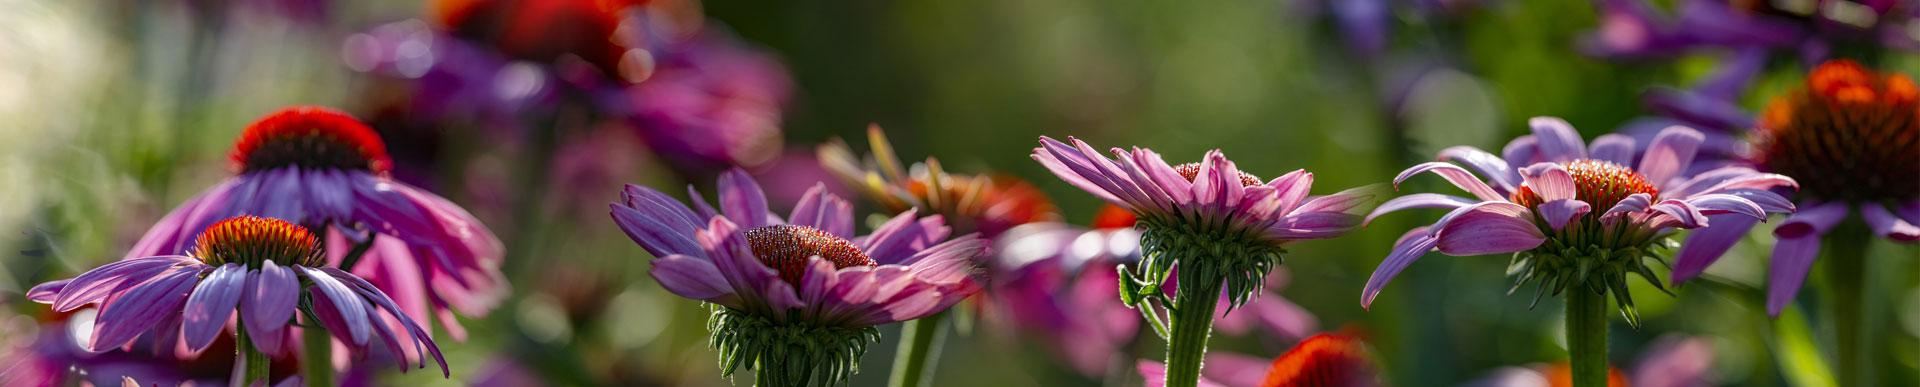 echinacea-coneflower